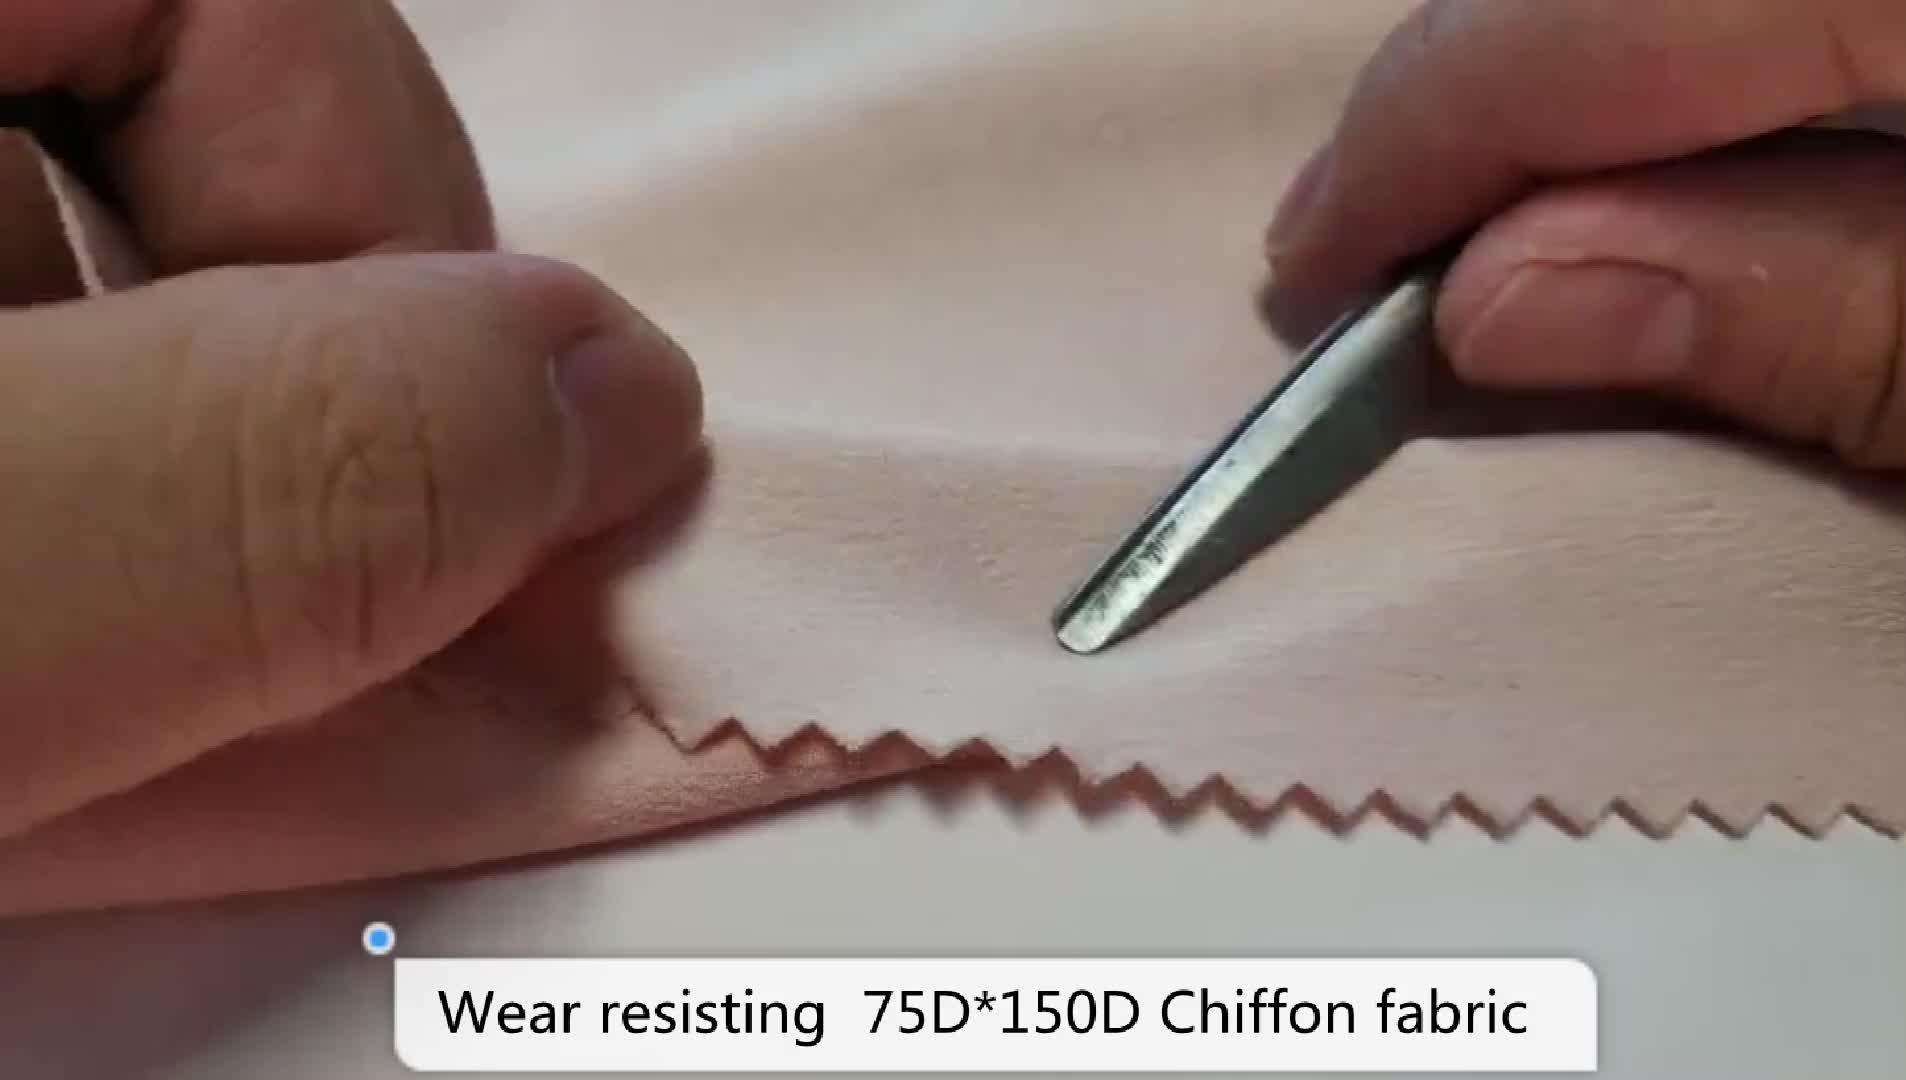 Crinkle 75D * 150D शिफॉन मुद्रित पॉलिएस्टर कपड़े सामग्री के लिए लेडी कपड़ा स्कर्ट पोशाक